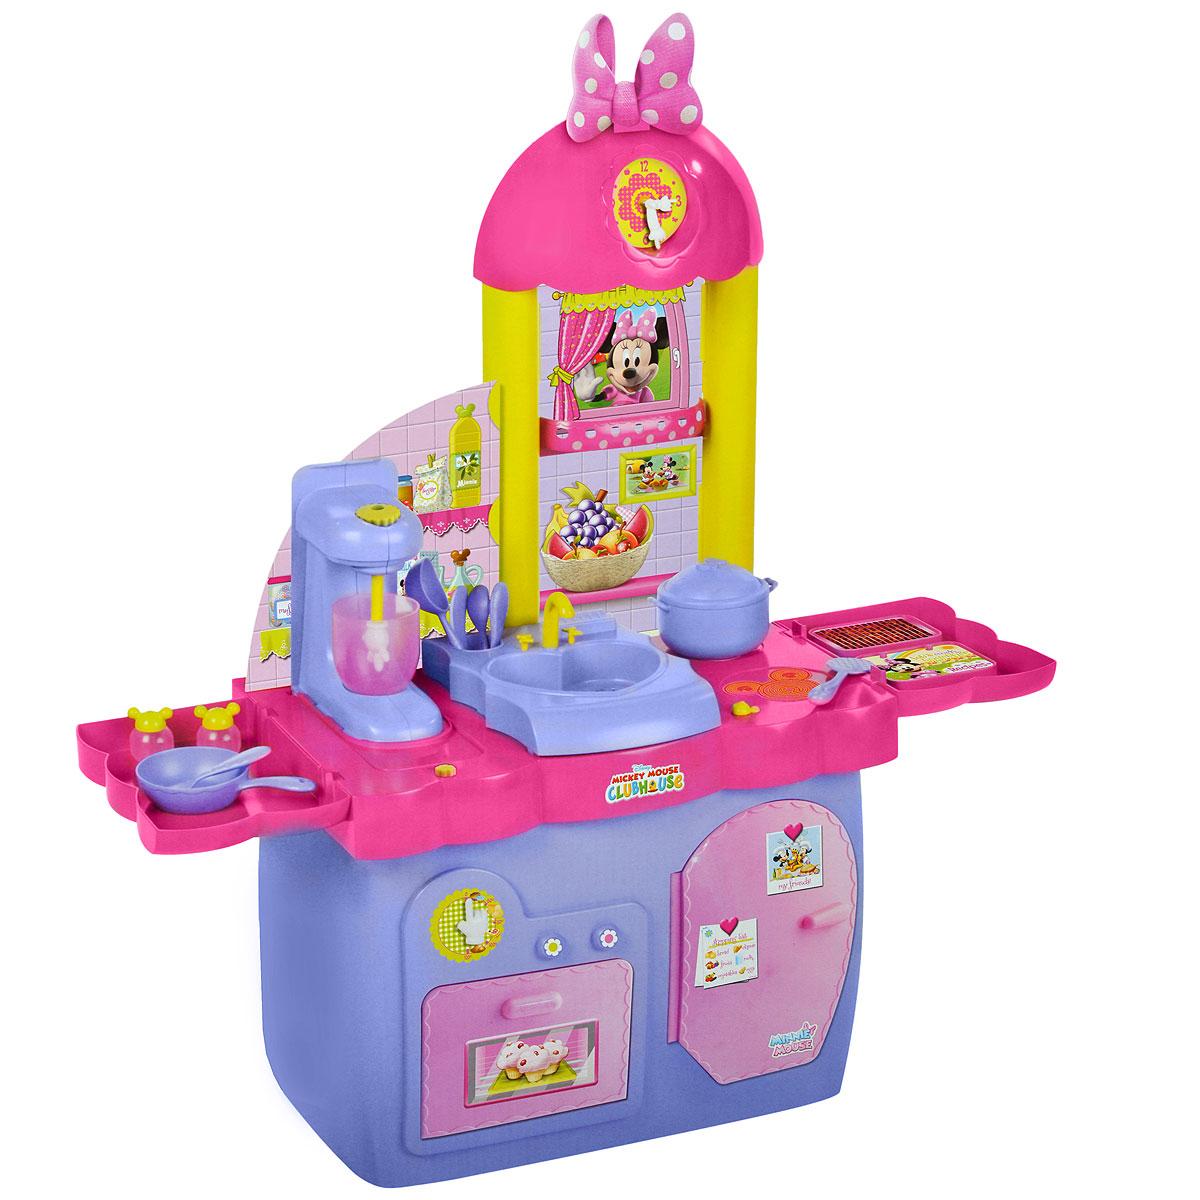 Кухня Disney Minnie, с аксессуарами180437Если ваш ребенок любит помогать маме на кухне, играть с посудой, варить и жарить, но вам приходится ограничивать его в игре с бьющимися предметами кухонной утвари, то эта детская кухня создана специально для юного поваренка. Кухня Disney Minnie представляет собой яркую кухню, которая состоит из духовки, вытяжки с часами, варочной поверхности, мойки и блендера. В набор входят аксессуары для игры: 2 ножа, 2 ложки, 2 вилки, 2 стаканчика, 2 тарелки, кастрюля с крышкой, сковорода, скалка, поварешка, лопатка, форма для выпечки, солонка и перечница. Игрушки, выполненные из яркого пластика, удобны для детской ладони, не имеют острых углов и абсолютно безопасны для ребенка. С такой кухней ваш ребенок сможет устроить для своих игрушек удивительный обед. Порадуйте его таким замечательным подарком!